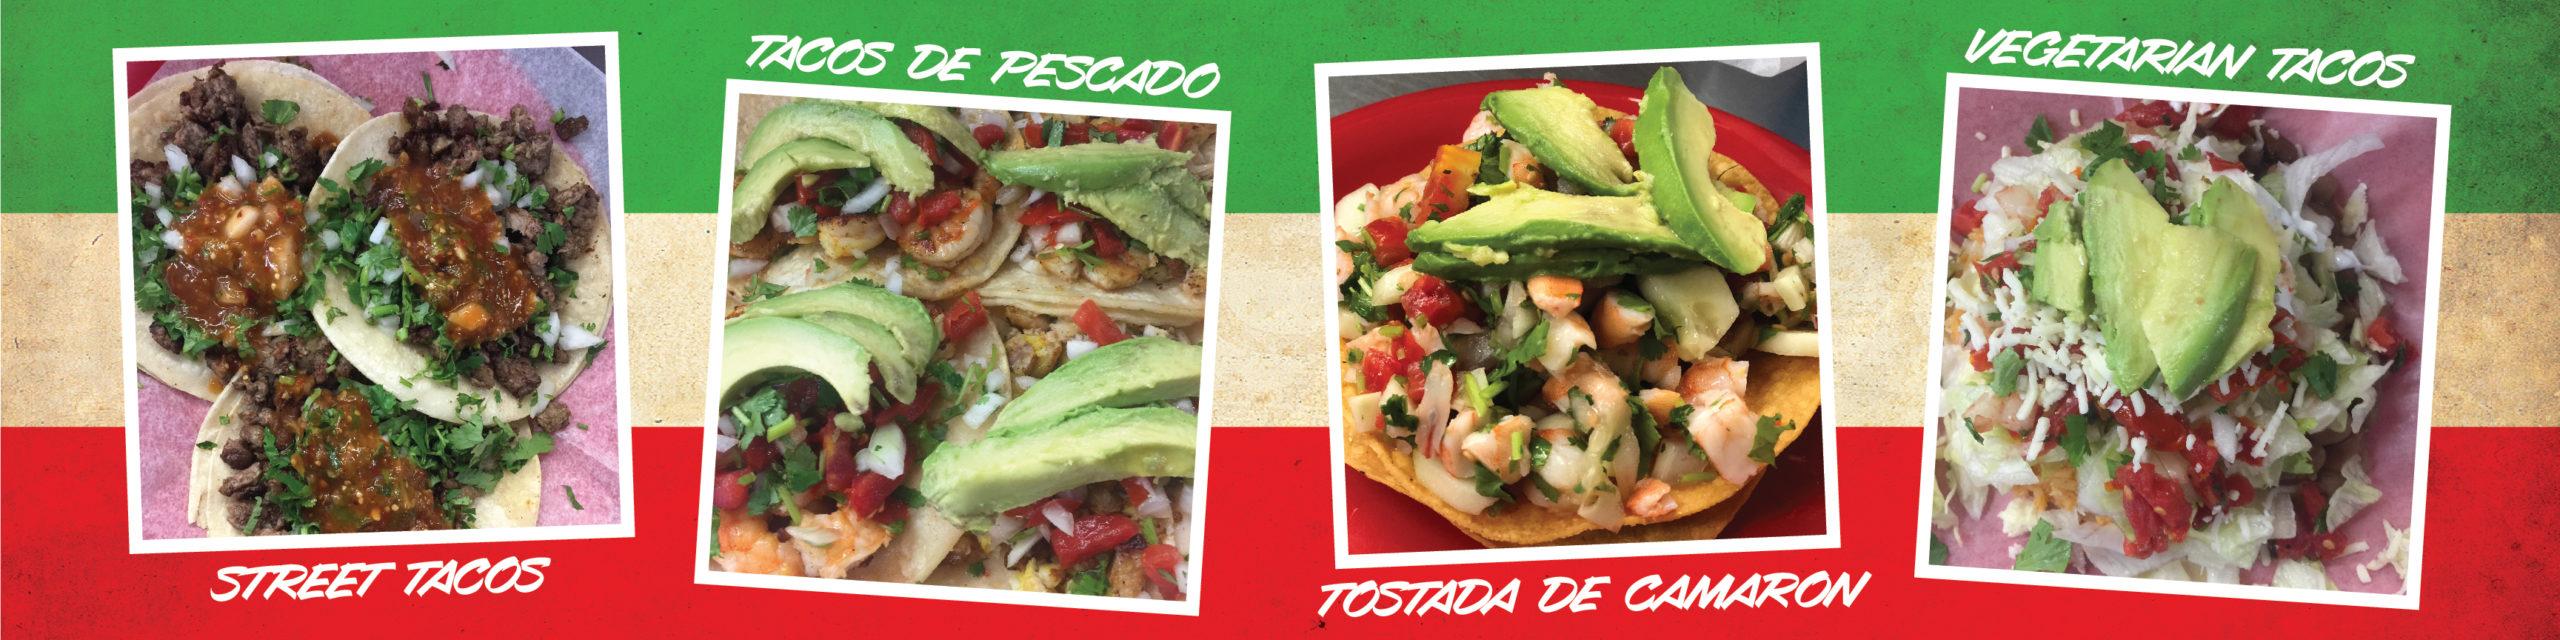 Taqueria Sonora-Food2